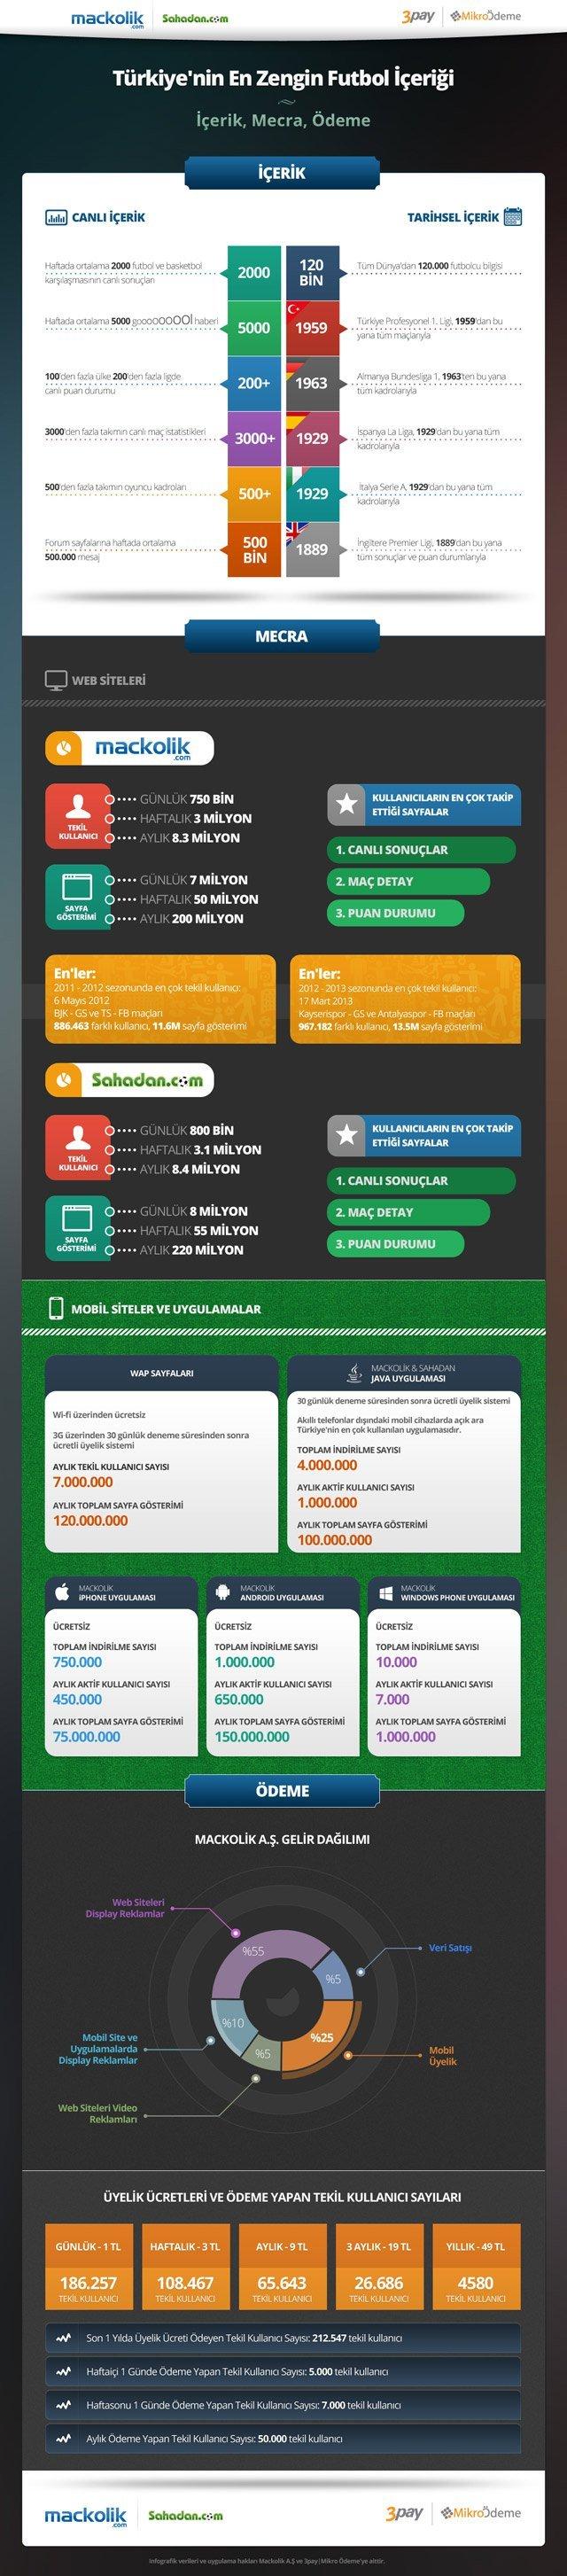 Mackolik ve 3pay|Mikro Ödeme'den içerik ve mobil ödemeye derinlemesine bir bakış [İnfografik]